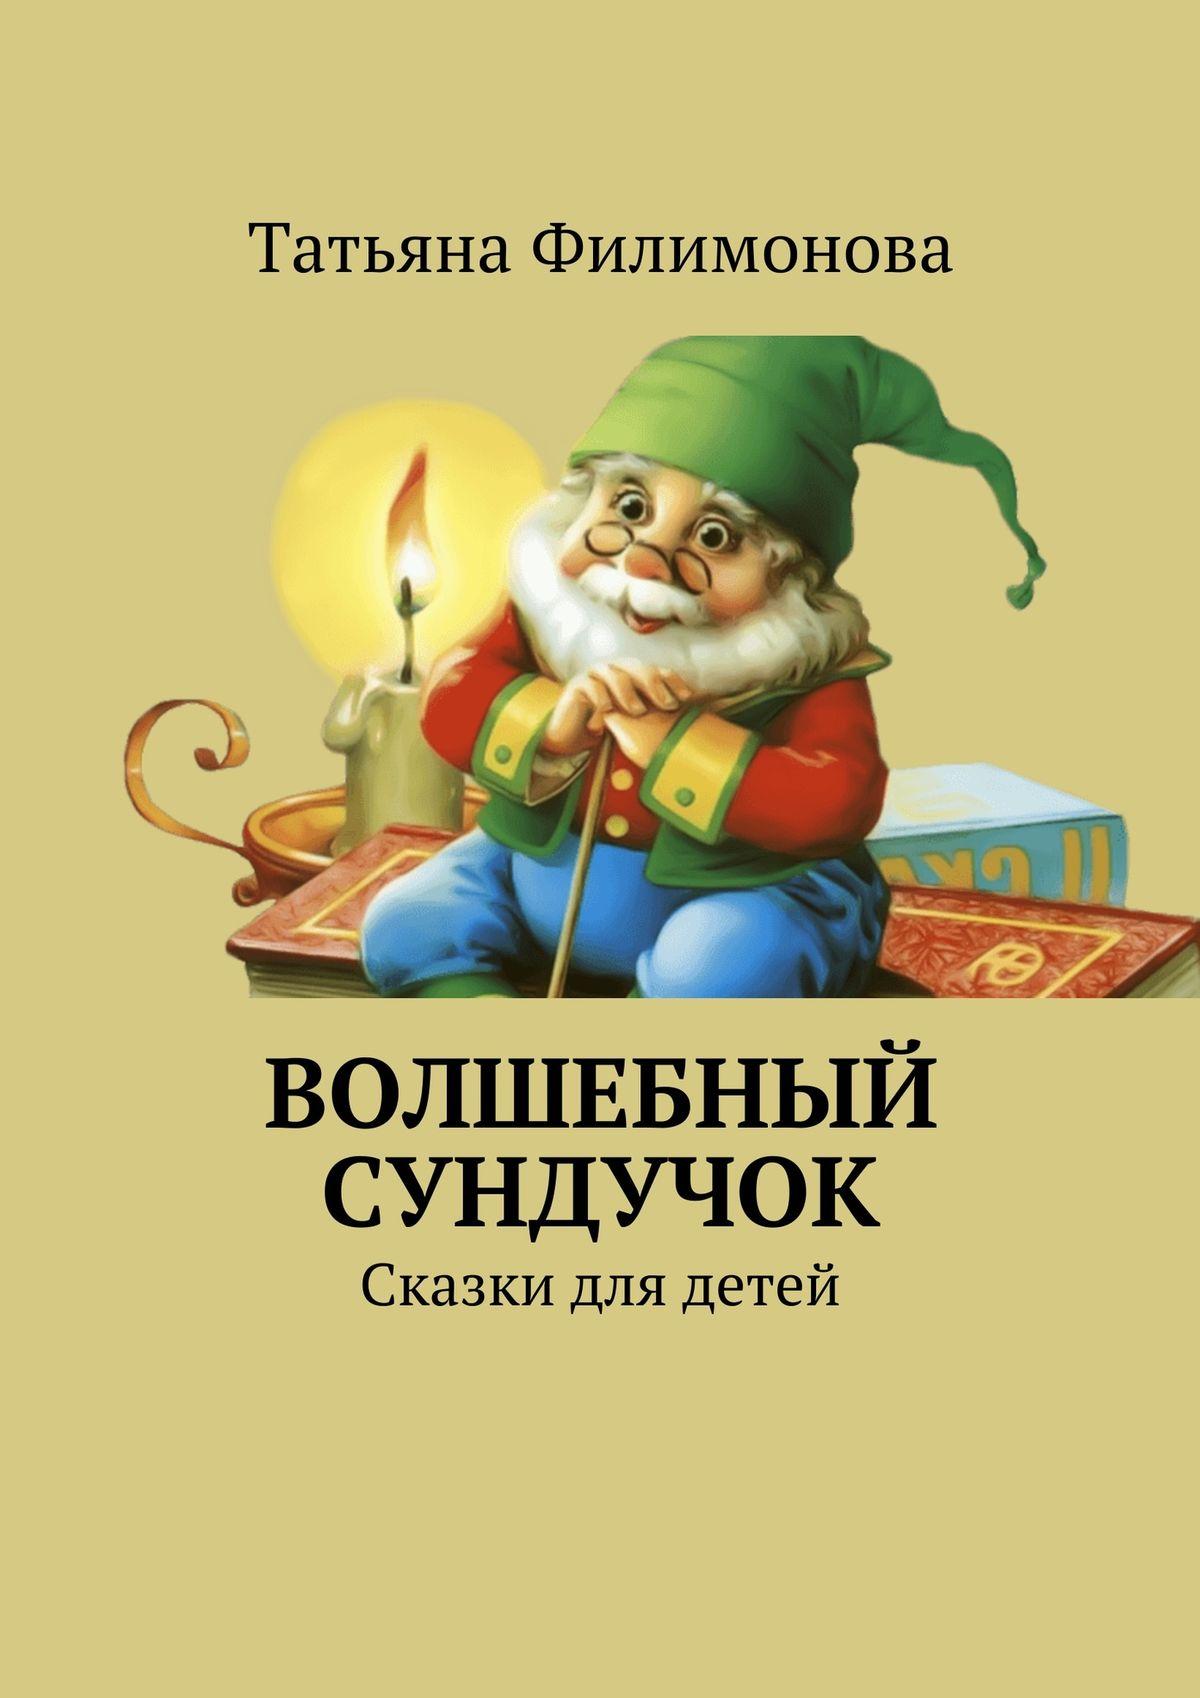 Фото - Татьяна Филимонова Волшебный сундучок. Сказки для детей волшебный мир сказки